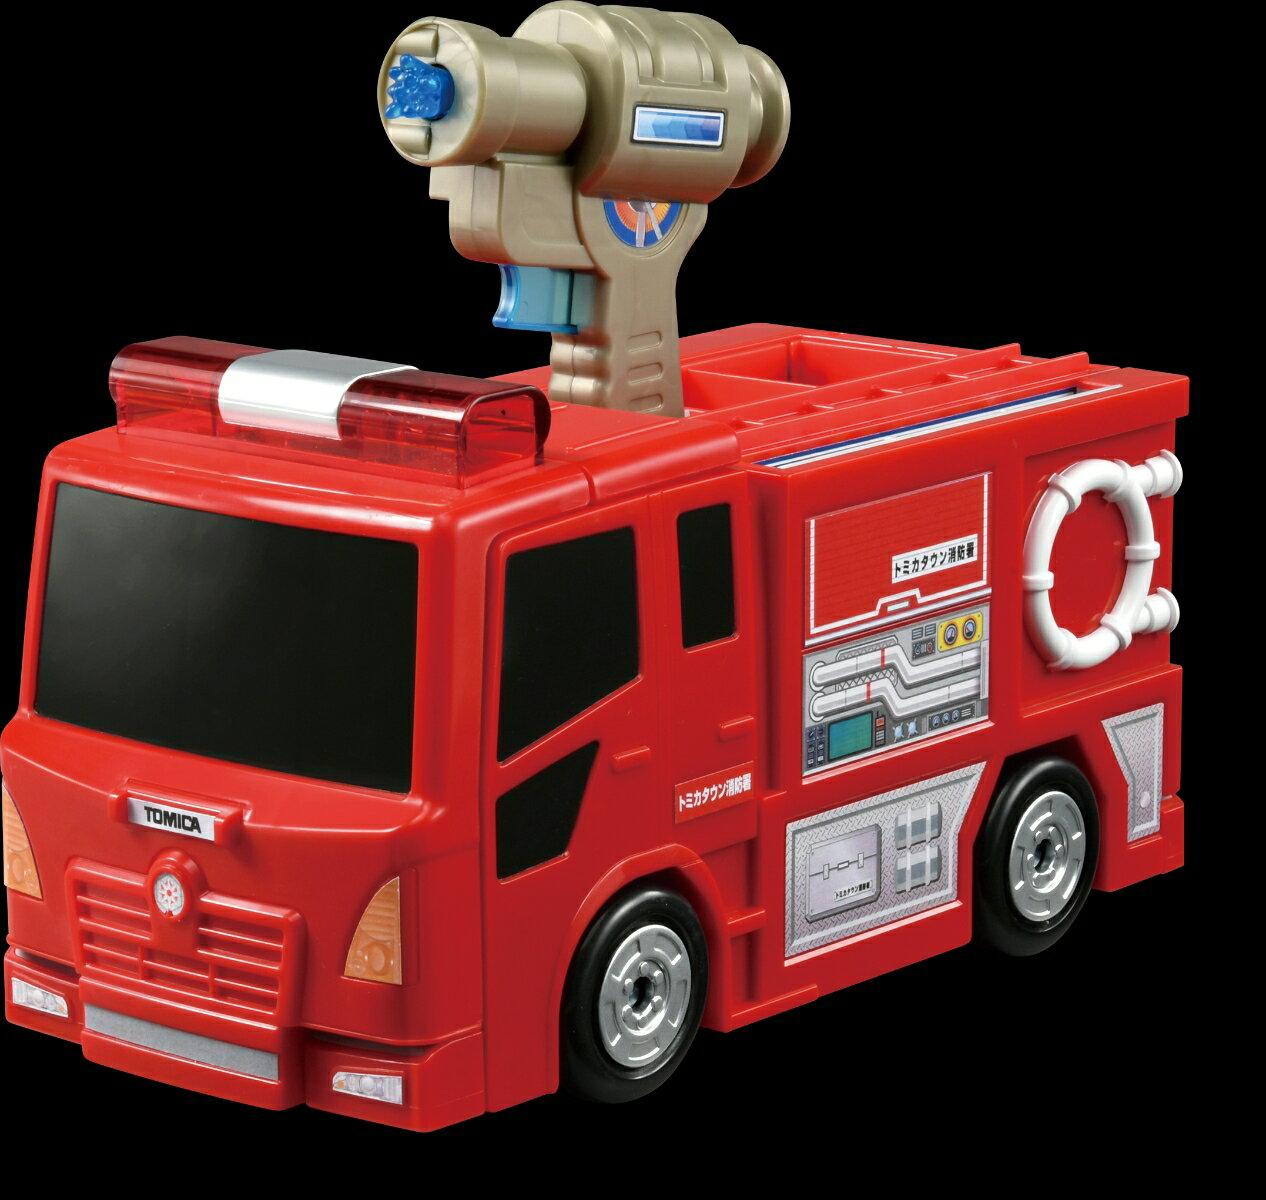 ぴゅぴゅっと消火!おしごと変形消防署